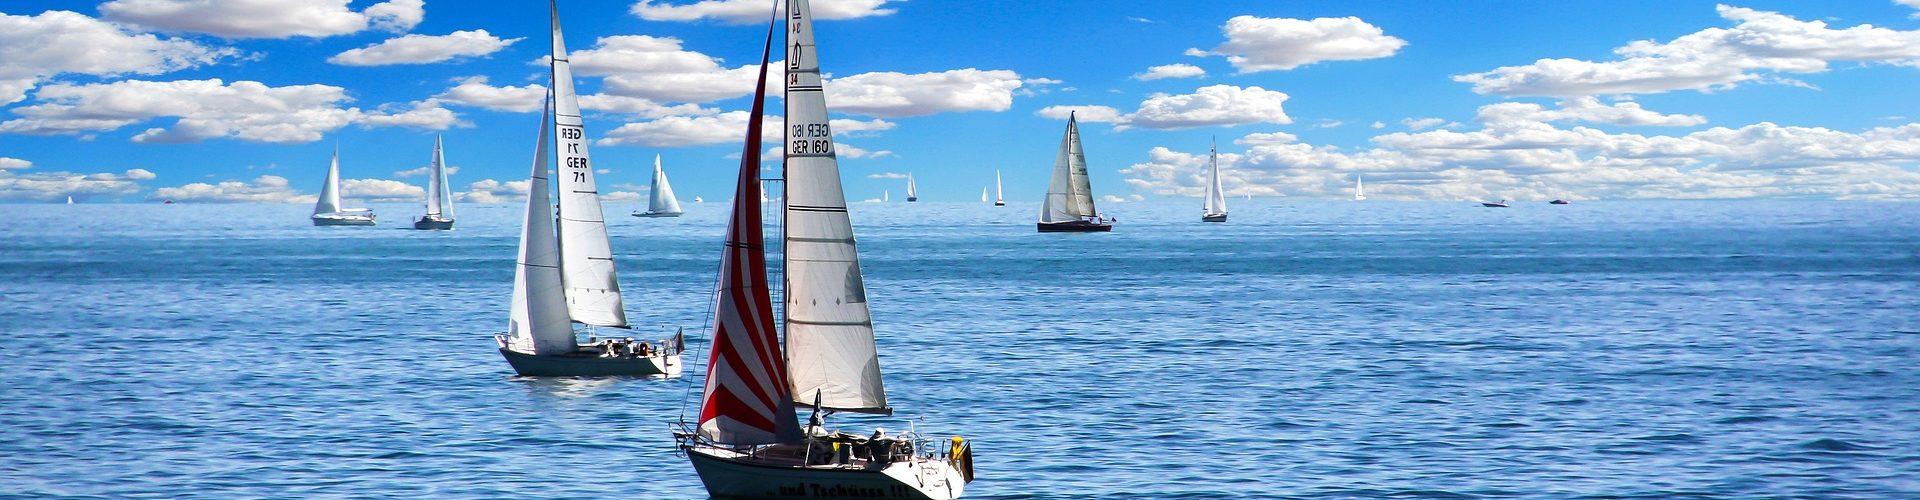 segeln lernen in Dormagen segelschein machen in Dormagen 1920x500 - Segeln lernen in Dormagen